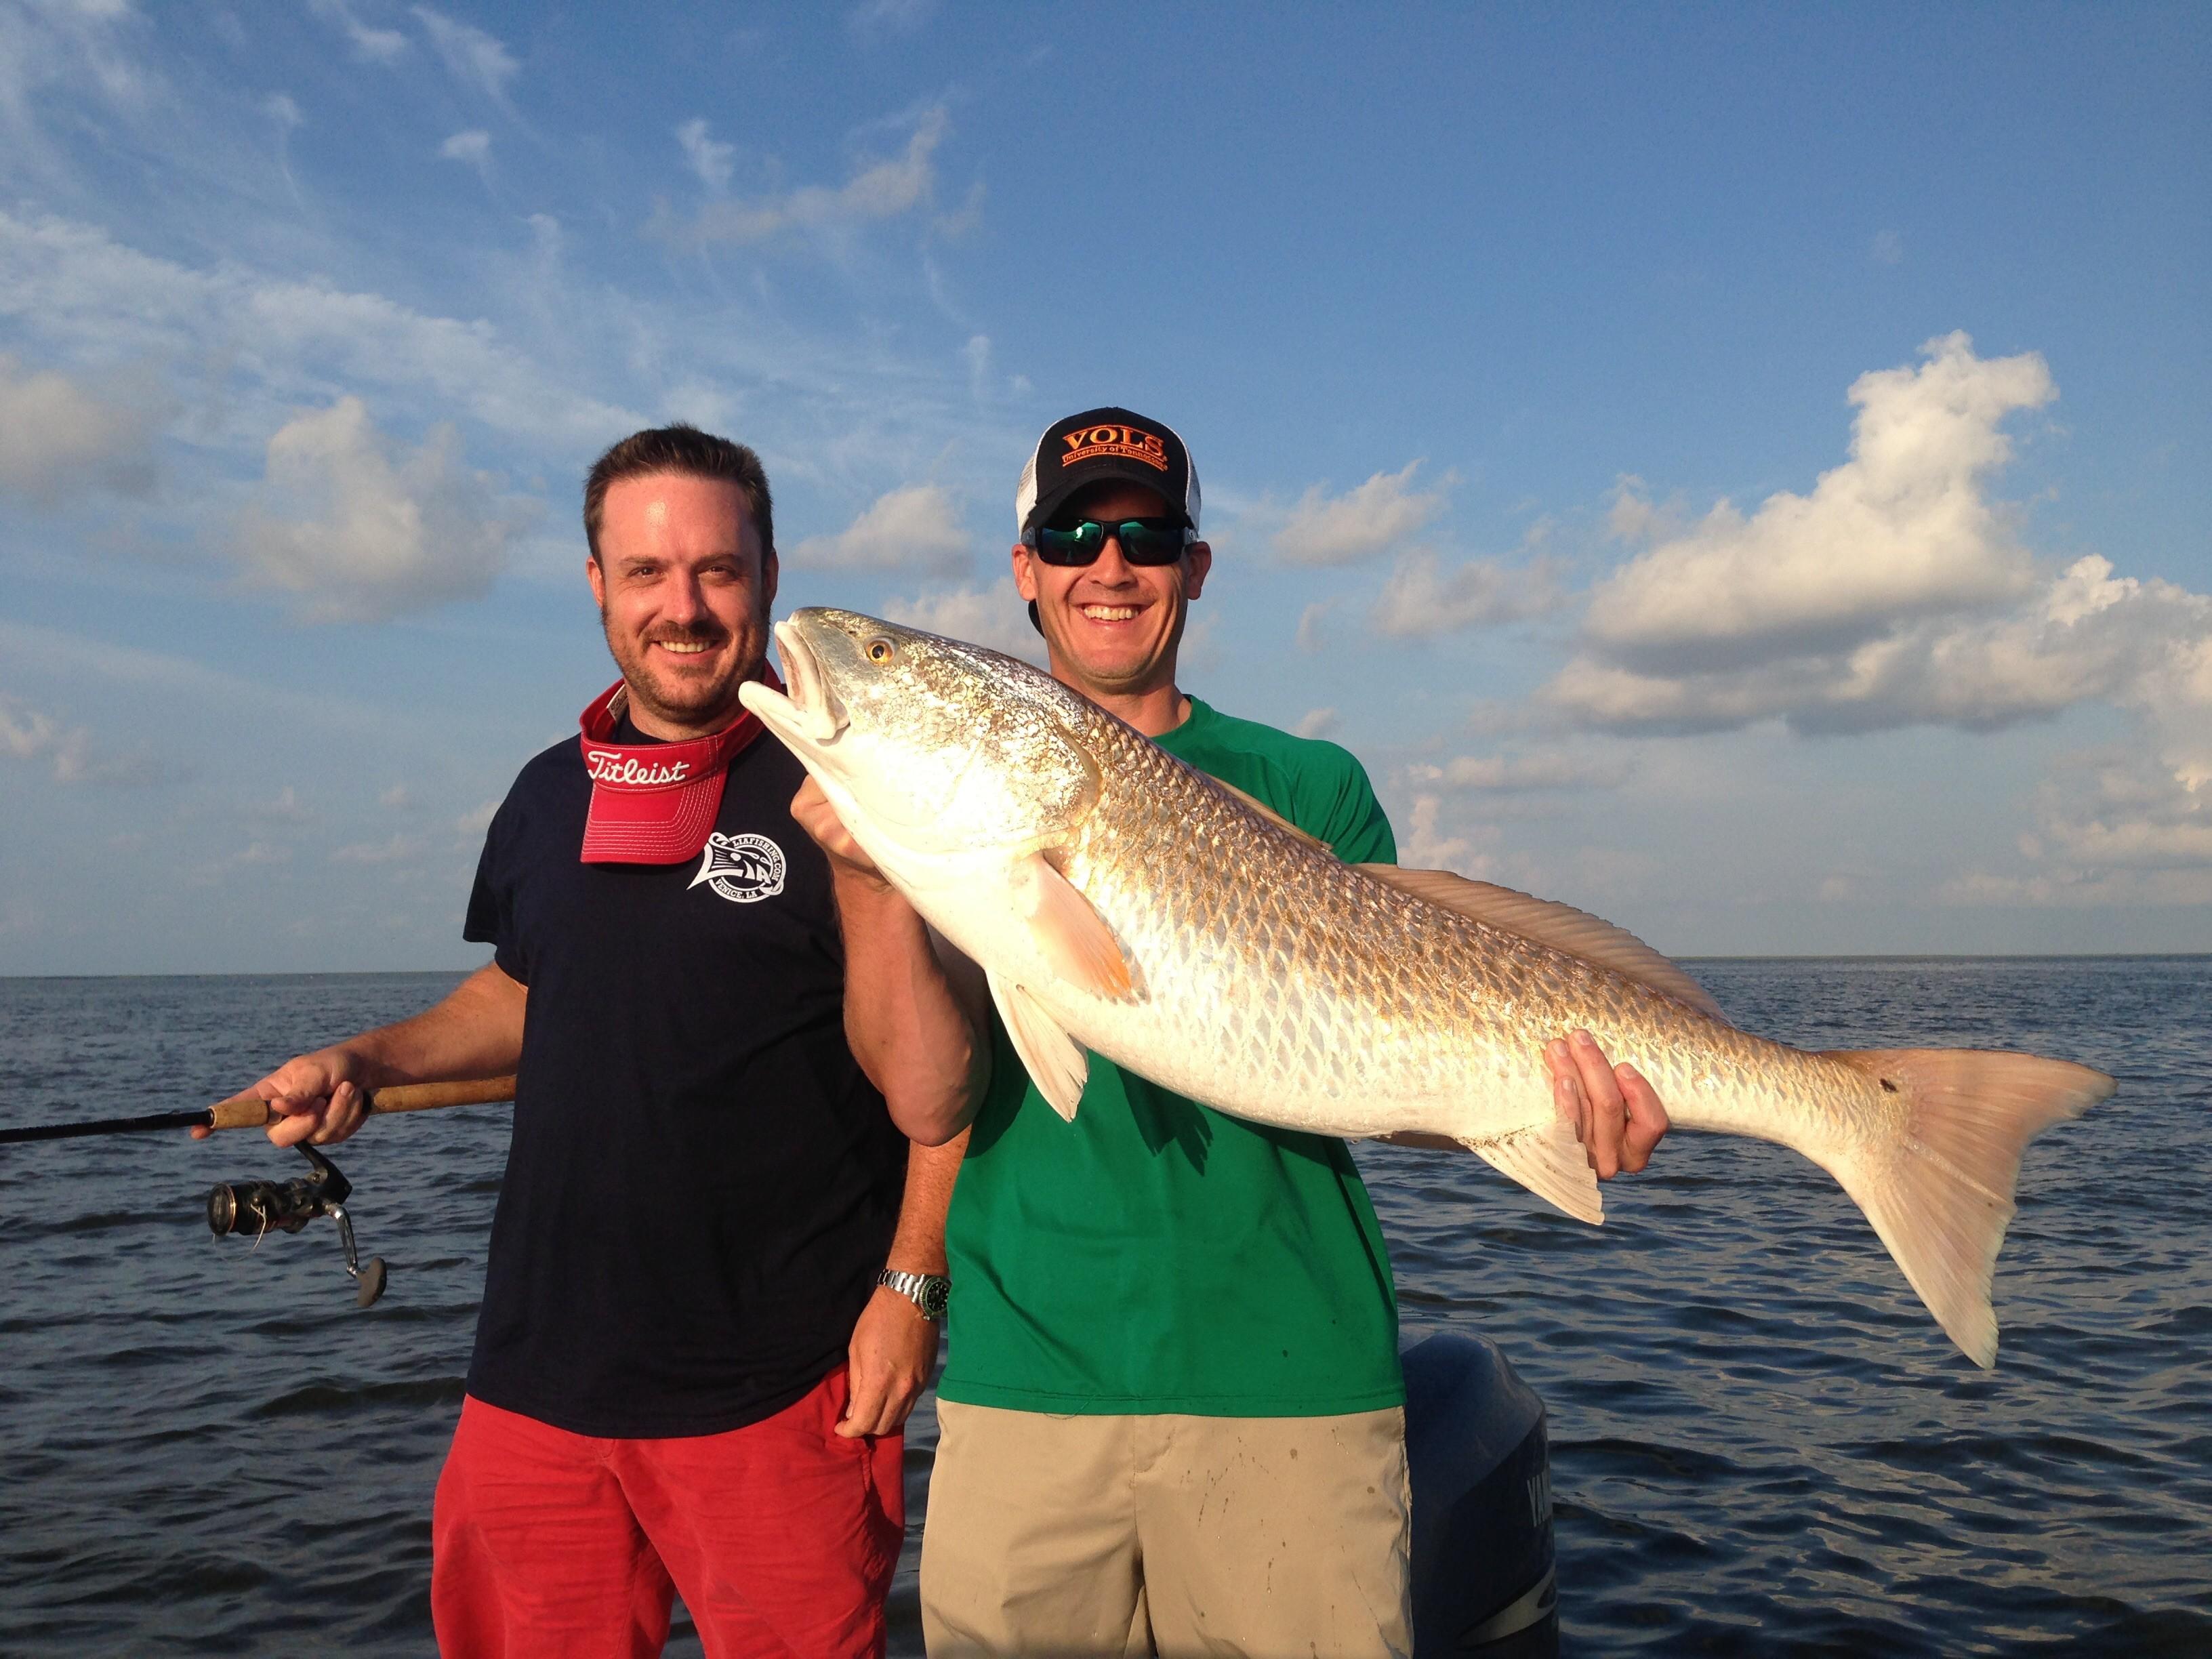 Louisiana Inshore Adventures: 2 Person Charter